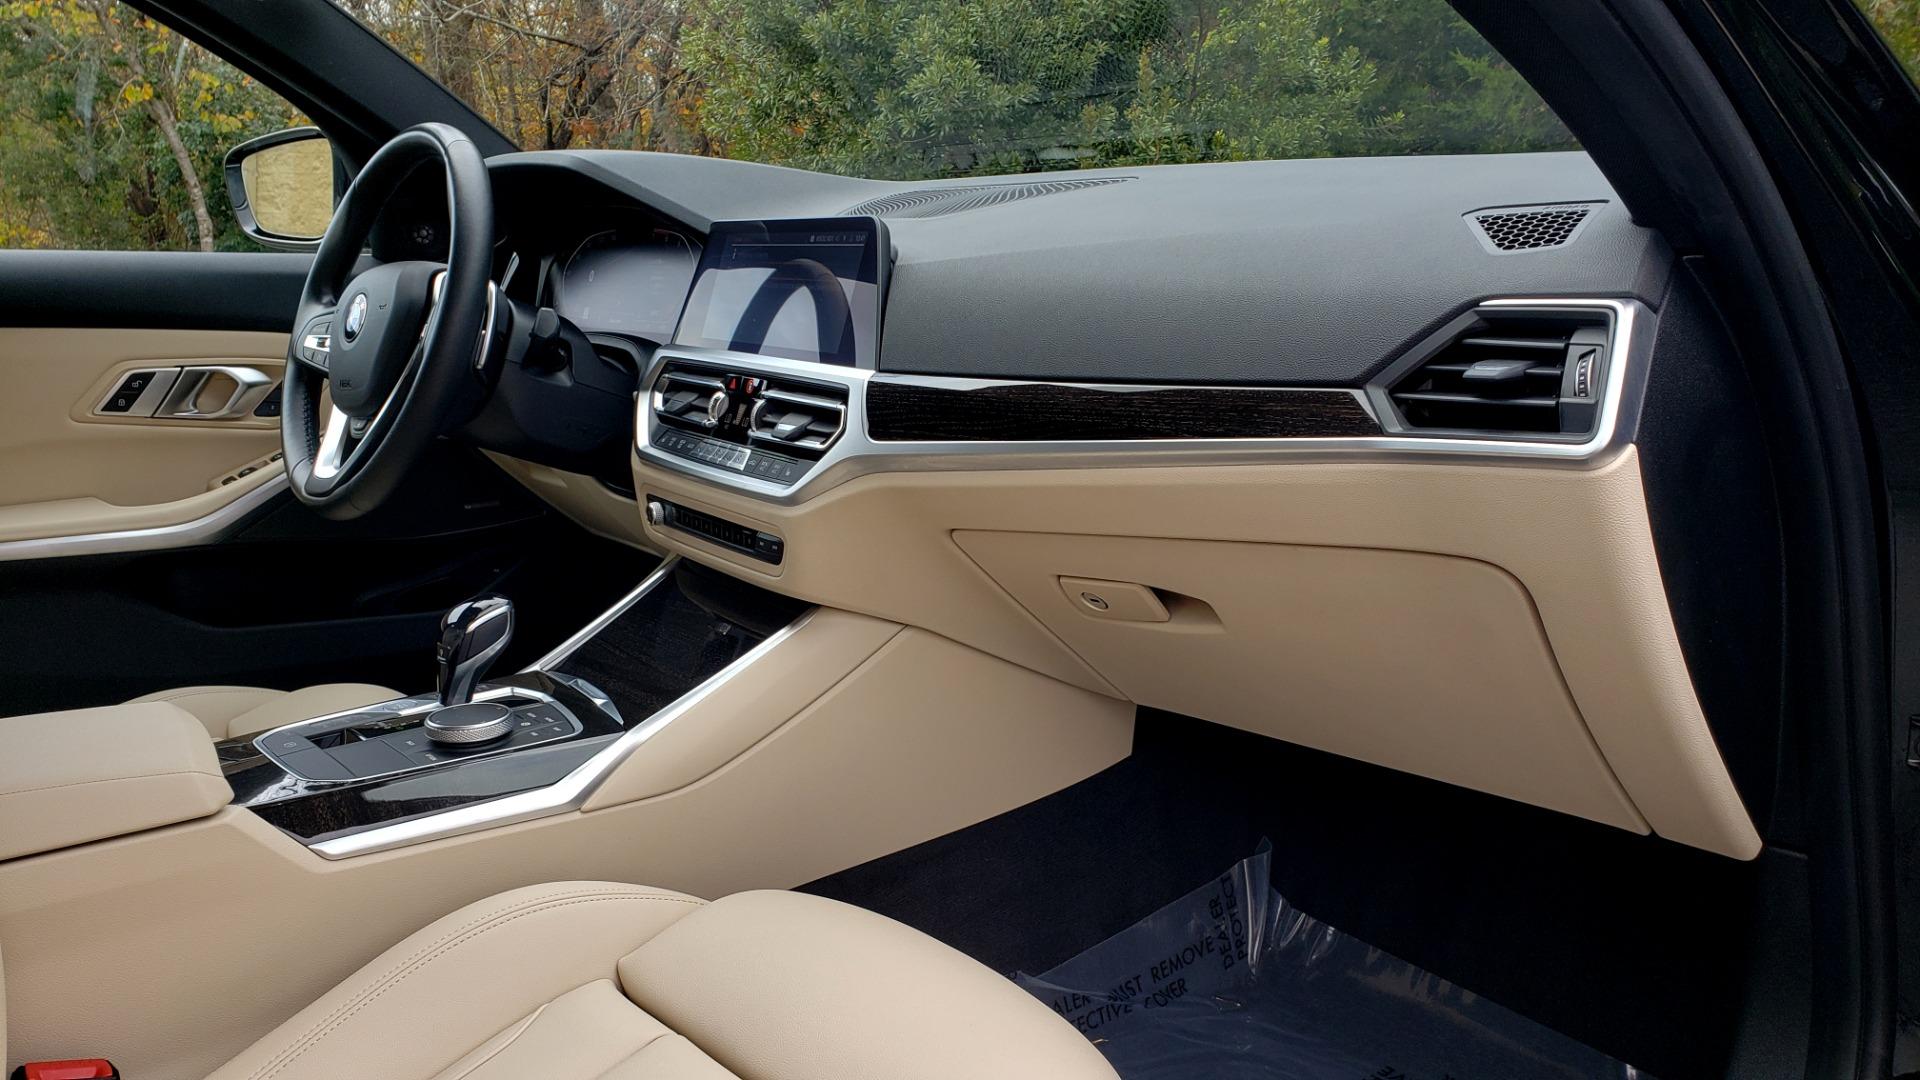 Used 2019 BMW 3 SERIES 330I PREM PKG / NAV / CONV PKG / H&K SND / LIVE COCKPIT PRO for sale Sold at Formula Imports in Charlotte NC 28227 72